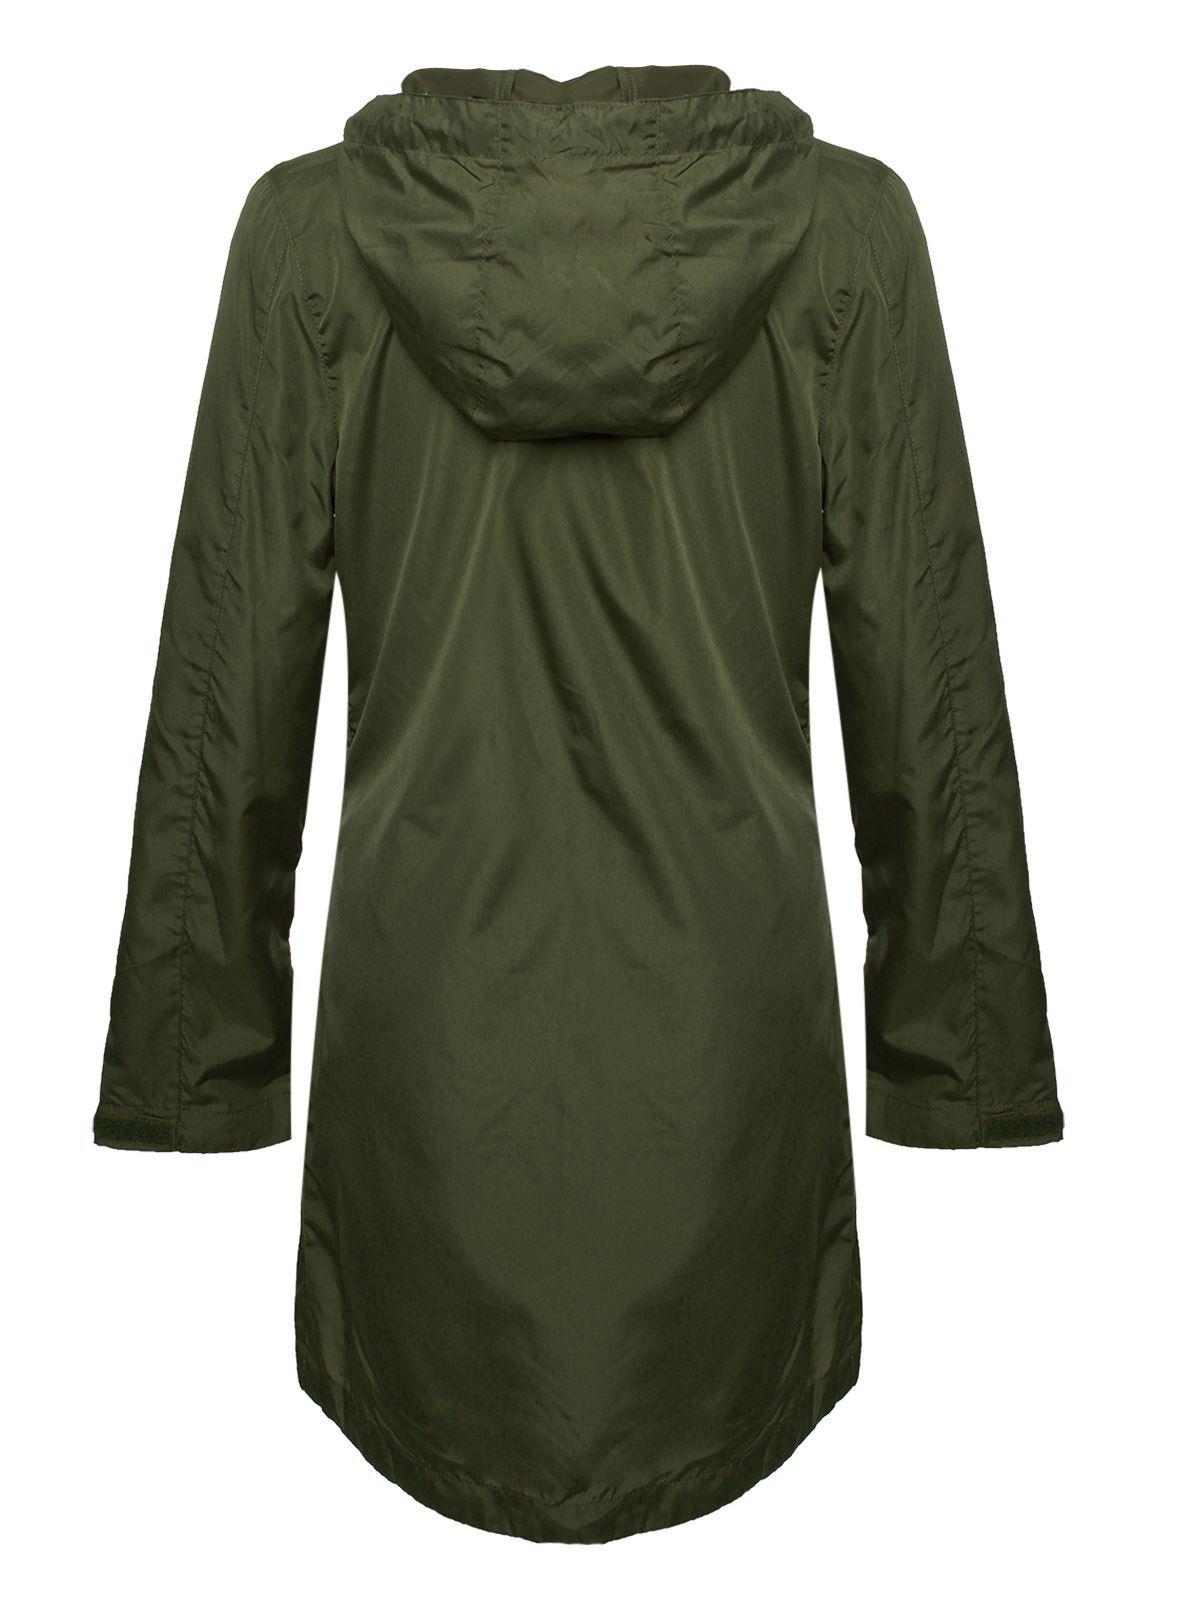 Womens-Ladies-Brave-Soul-Showerproof-Plain-Parka-Hoodie-Rain-Zip-Up-Jacket-Top thumbnail 4